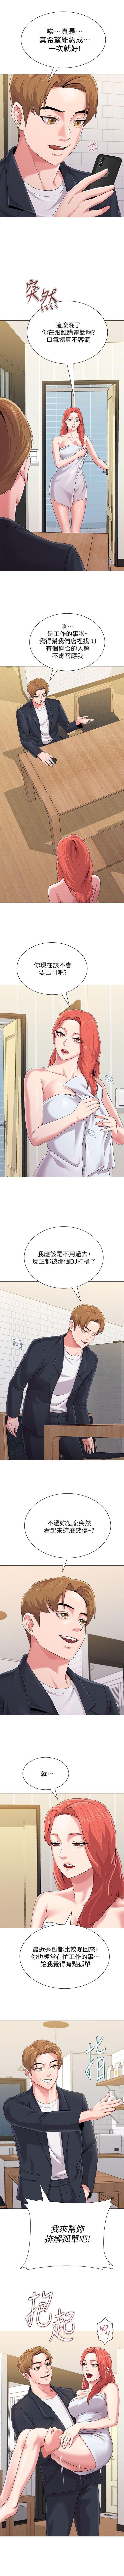 (周3)老师 1-56 中文翻译(更新中) 196